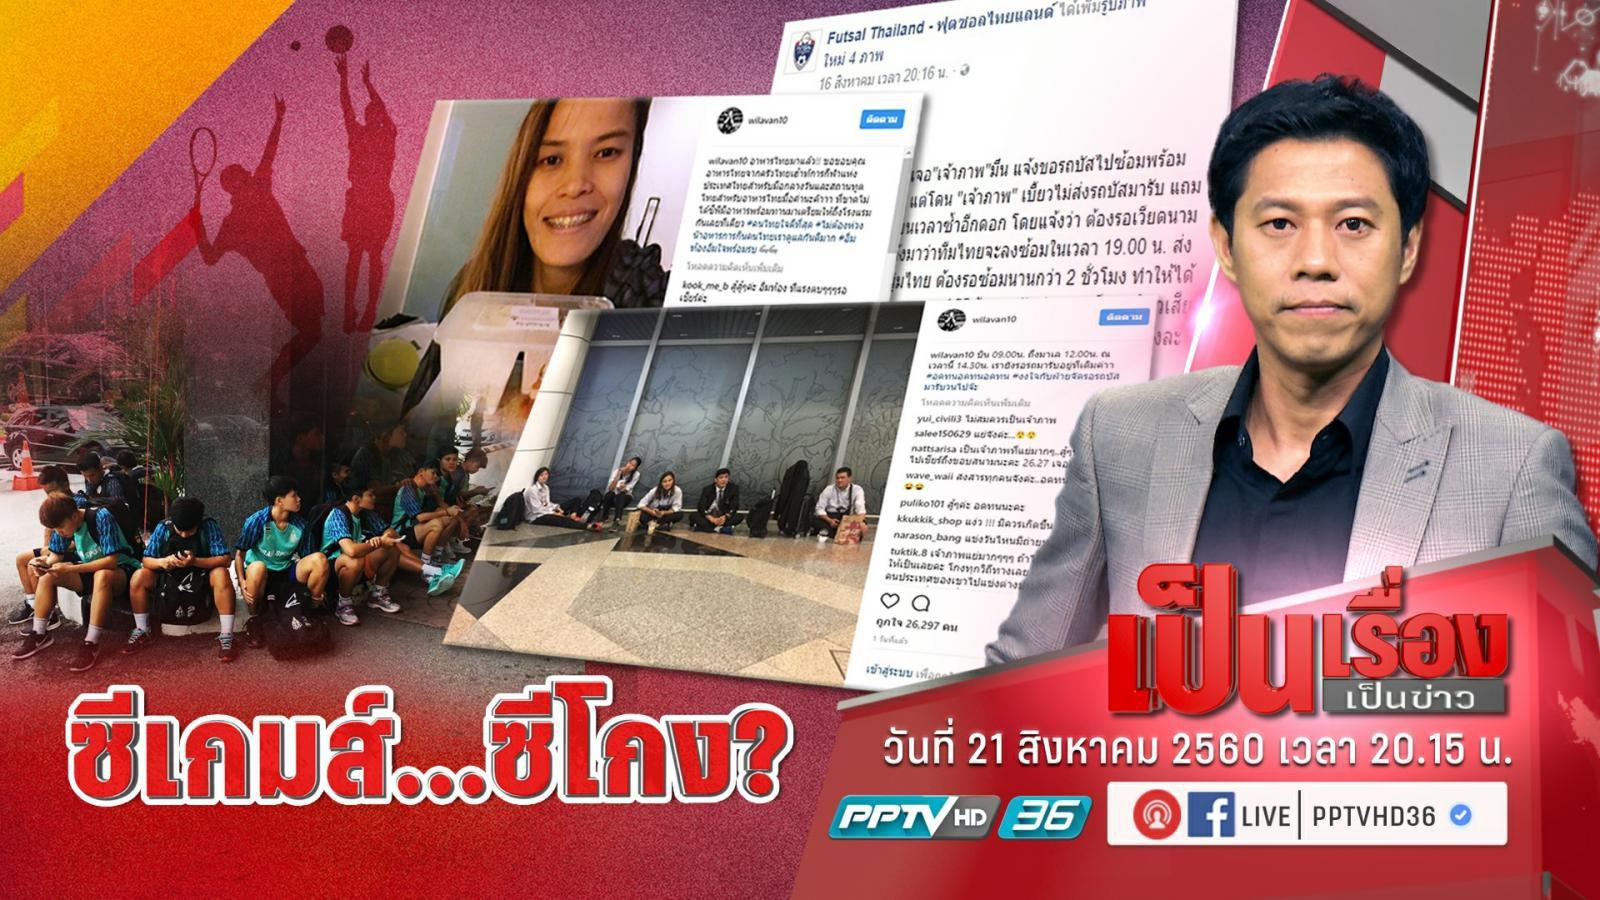 """เป็นเรื่อง! """"นักกีฬาขาพิการ"""" ใจสู้ ขอแข่งต่อเพื่อชาติไทย ไม่หวั่น """"มาเลย์ฯ"""" แกล้งให้เก็บลูกศรเอง"""